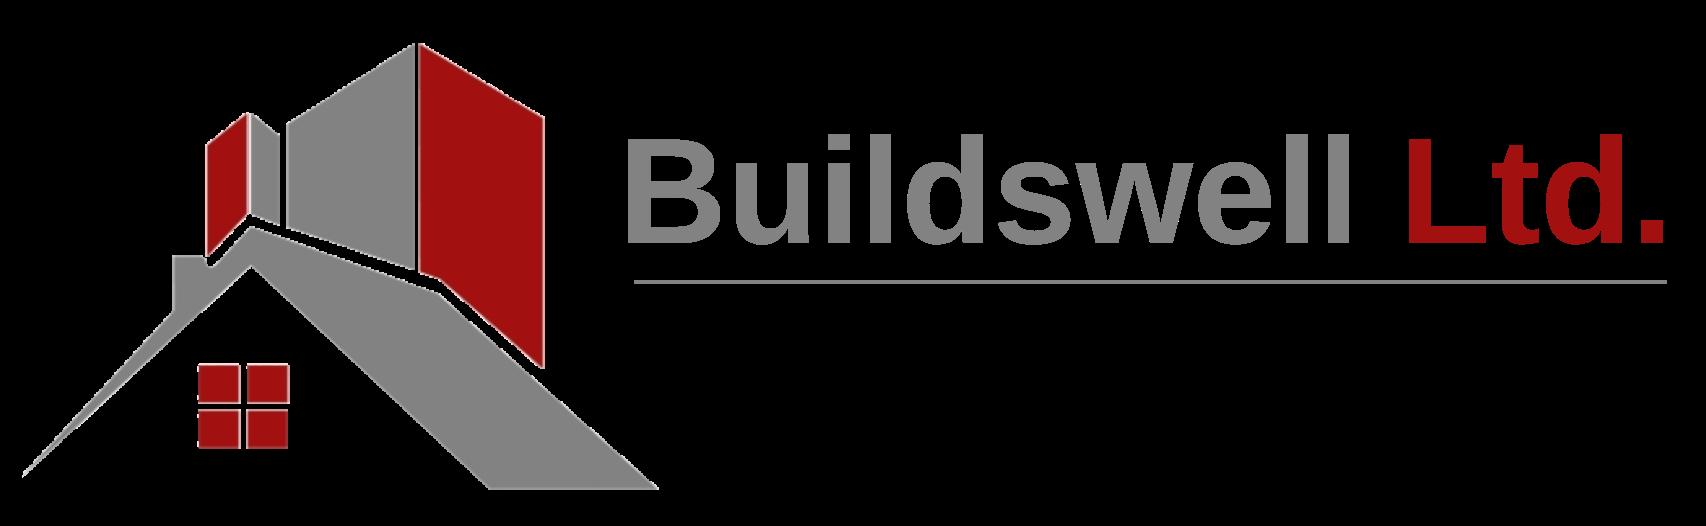 Buildswell Ltd.